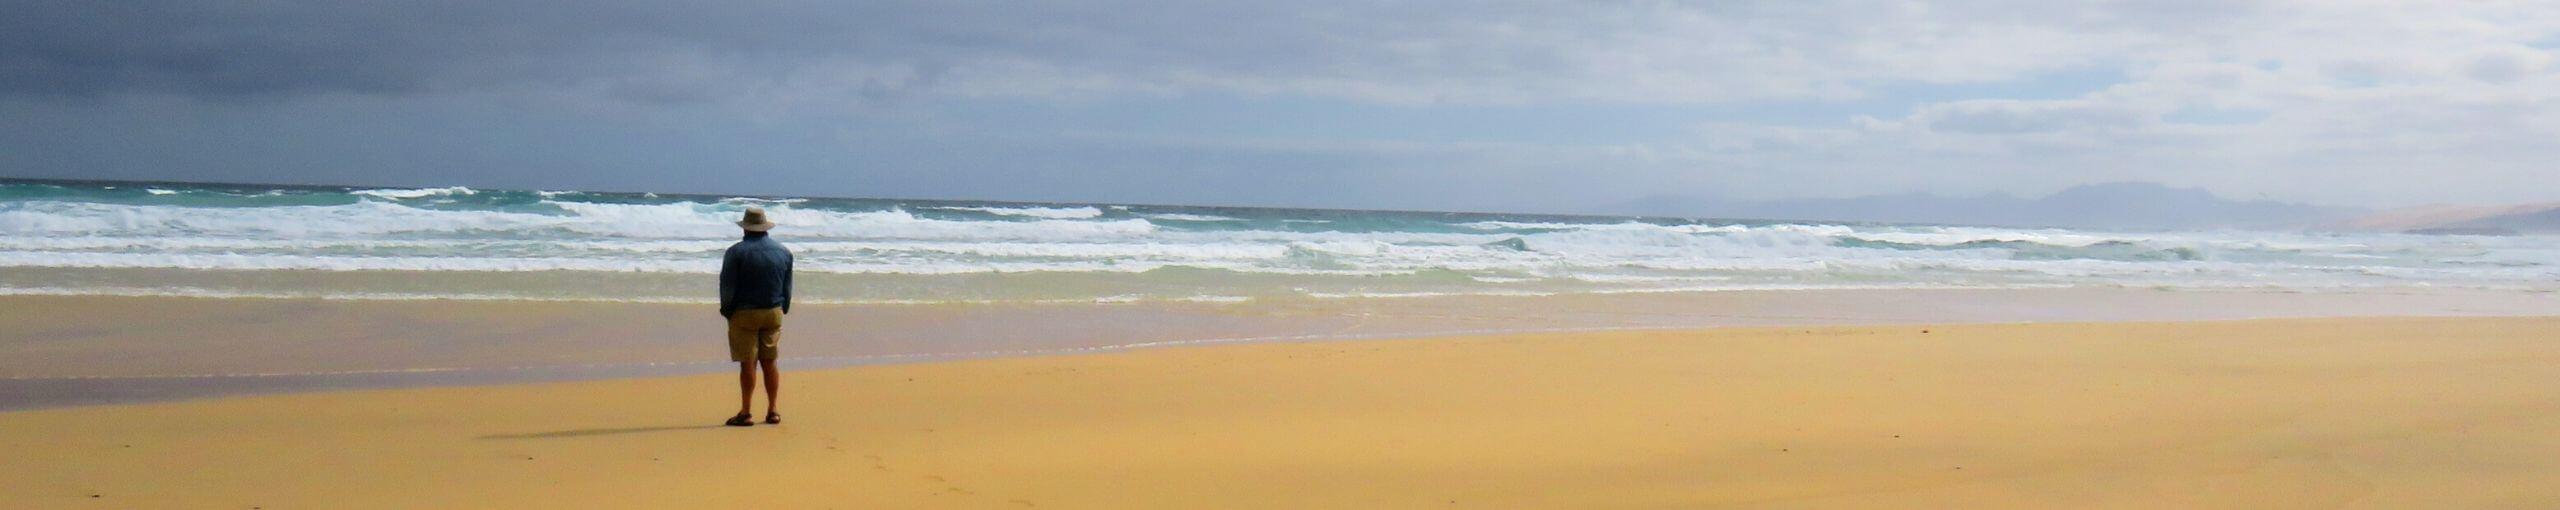 Playas de la Isla de Fuerteventura, Islas Canarias.